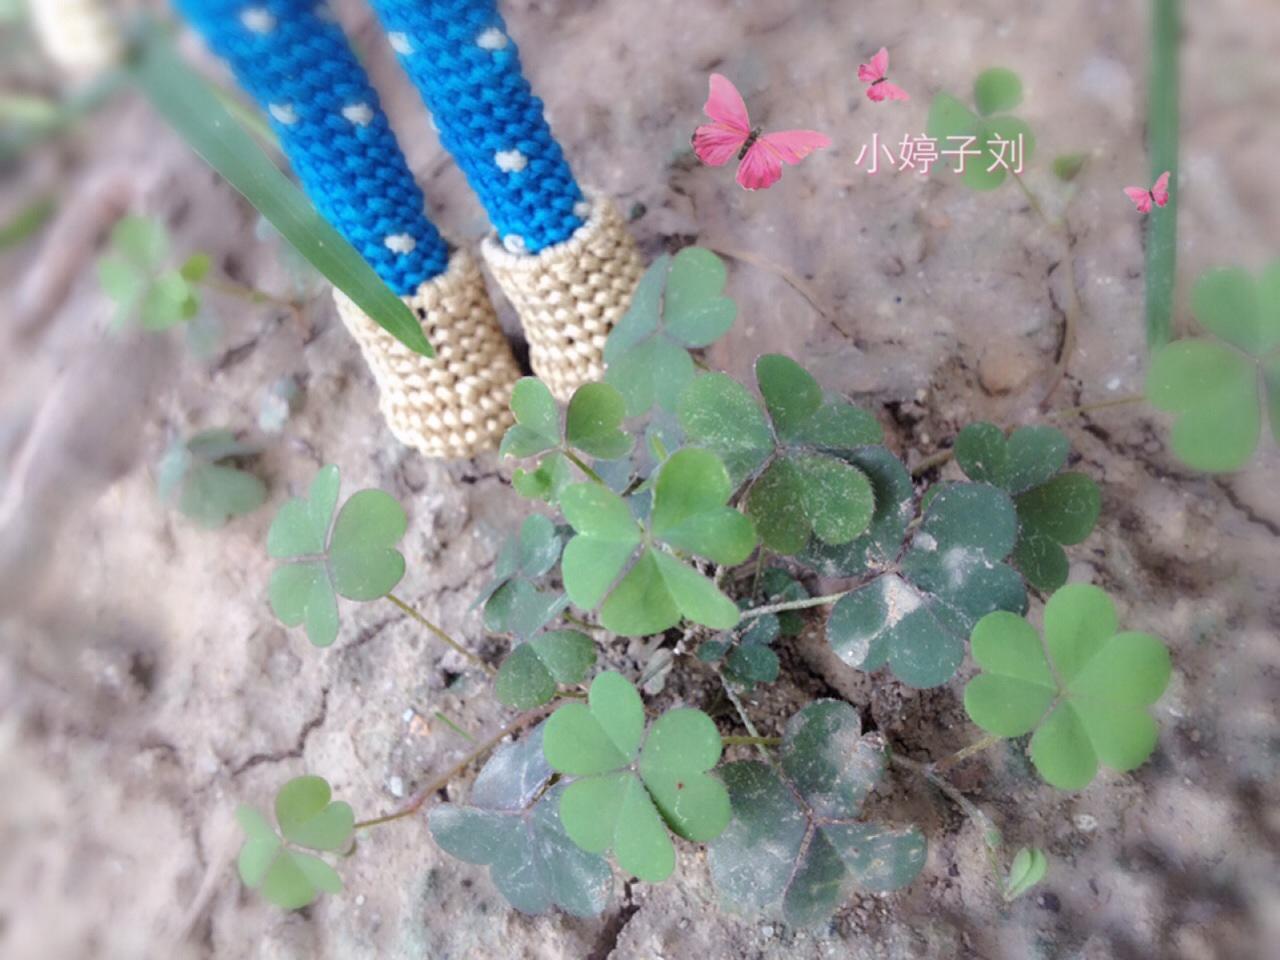 中国结论坛 小娃娃  立体绳结教程与交流区 212156c787dhhm77gemeph